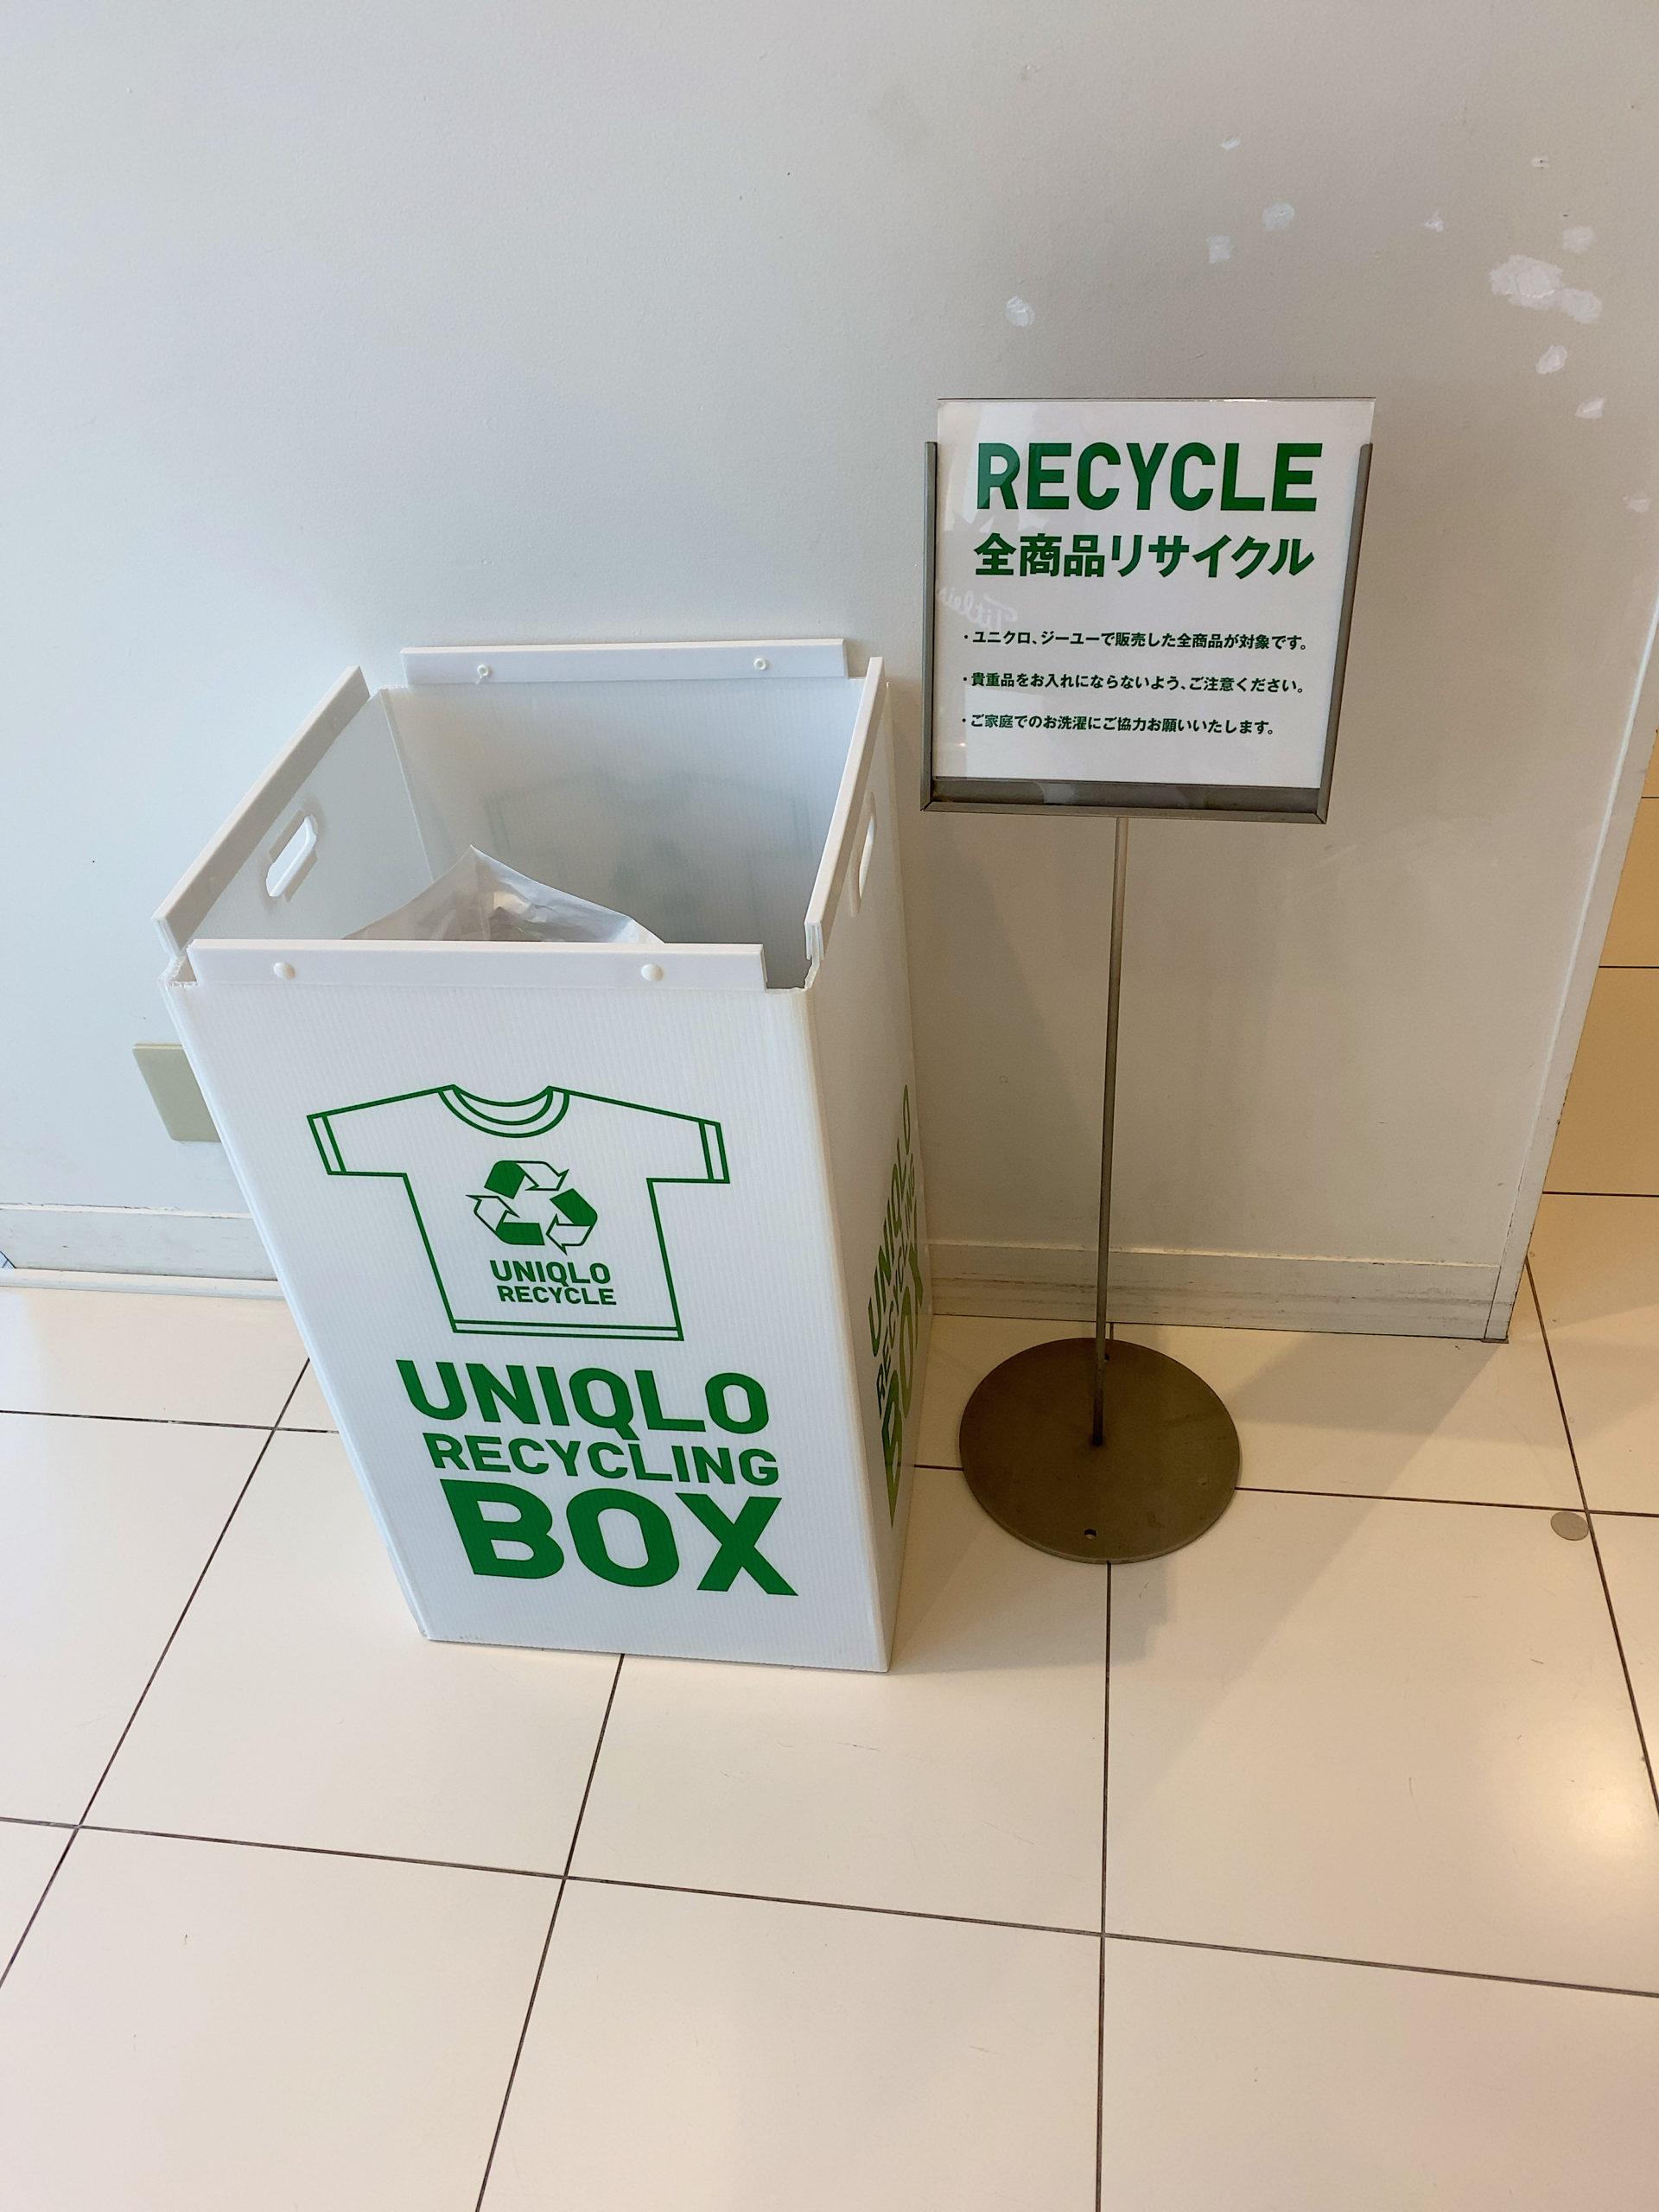 ユニクロ 古着 回収 2020 ユニクロの古着回収ボックスにユニクロ以外のも一緒に古着を入れまし...